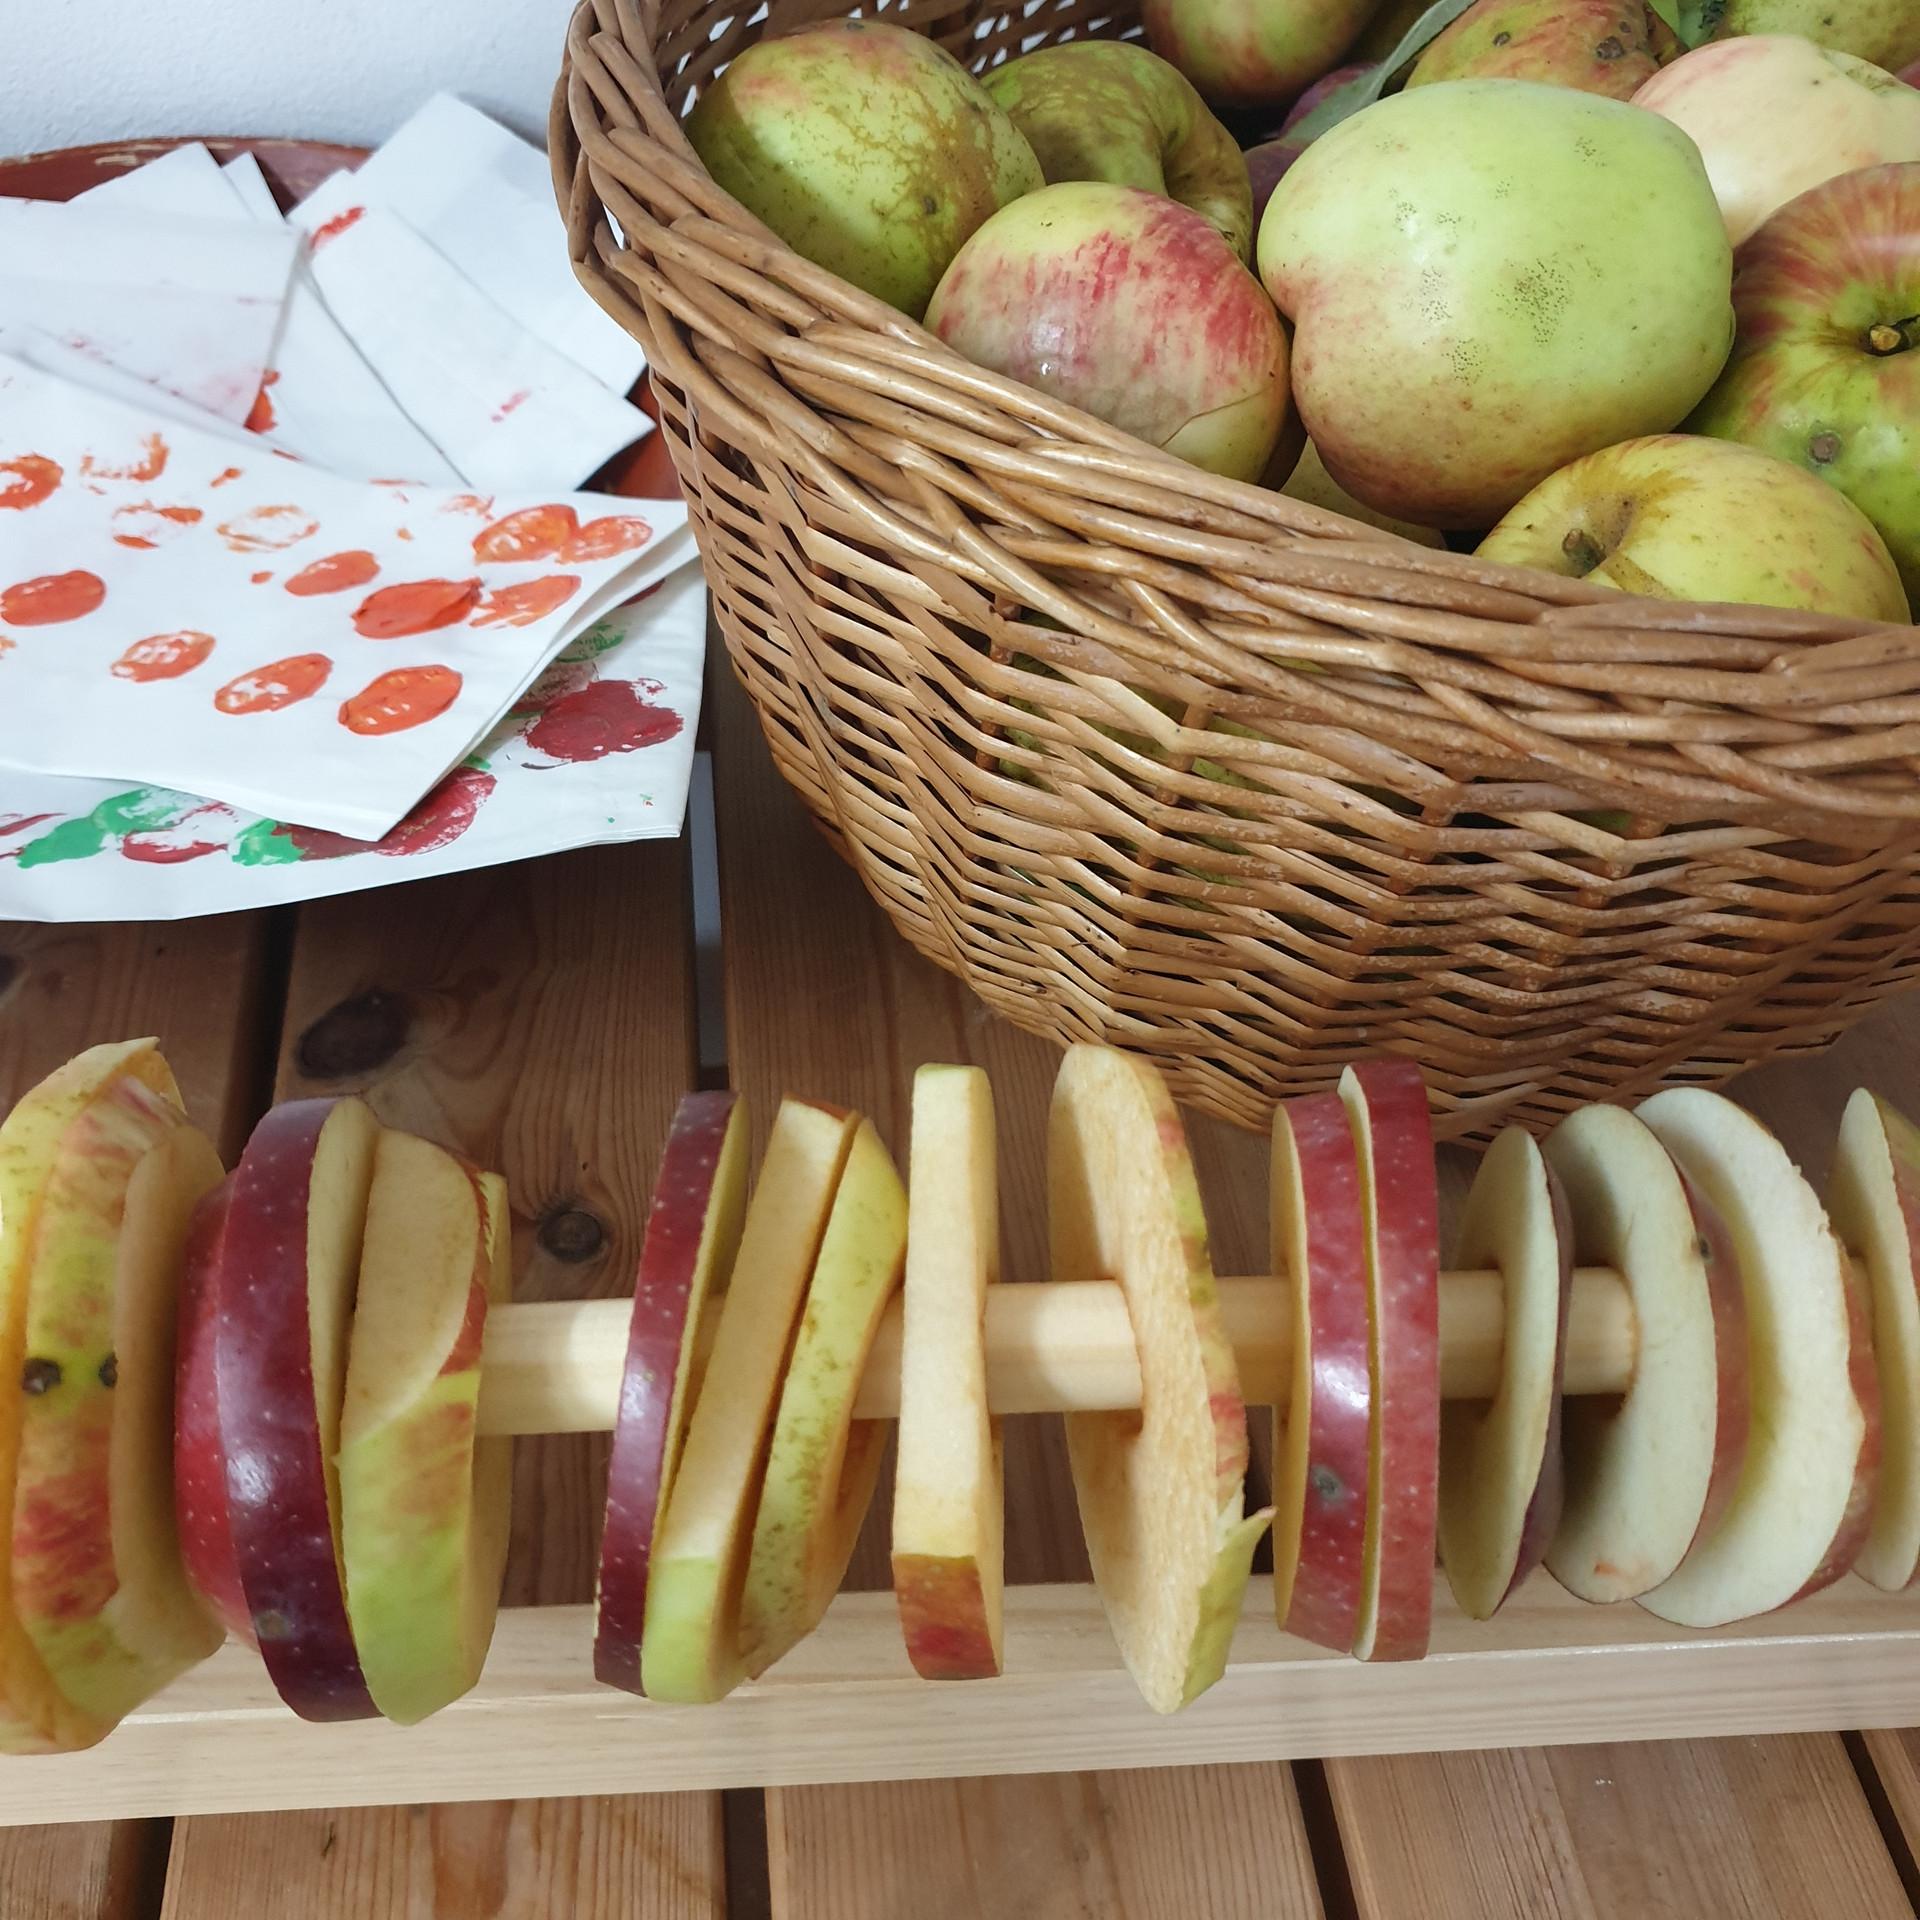 Äpfel, Äpfel, Äpfel...